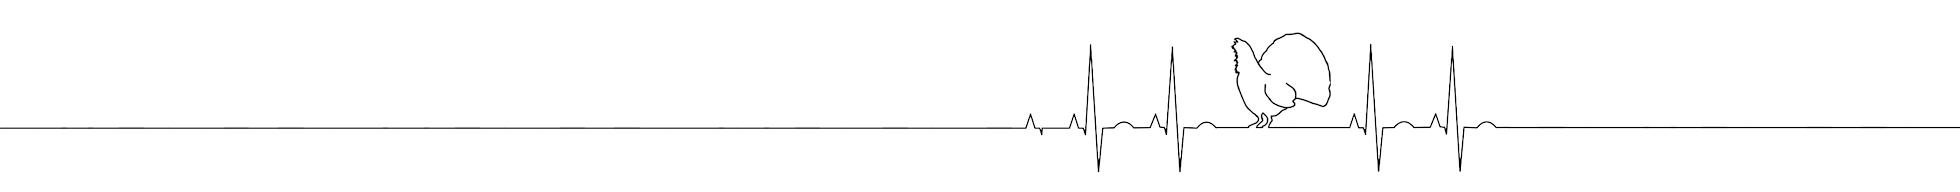 Heartbeat Caper